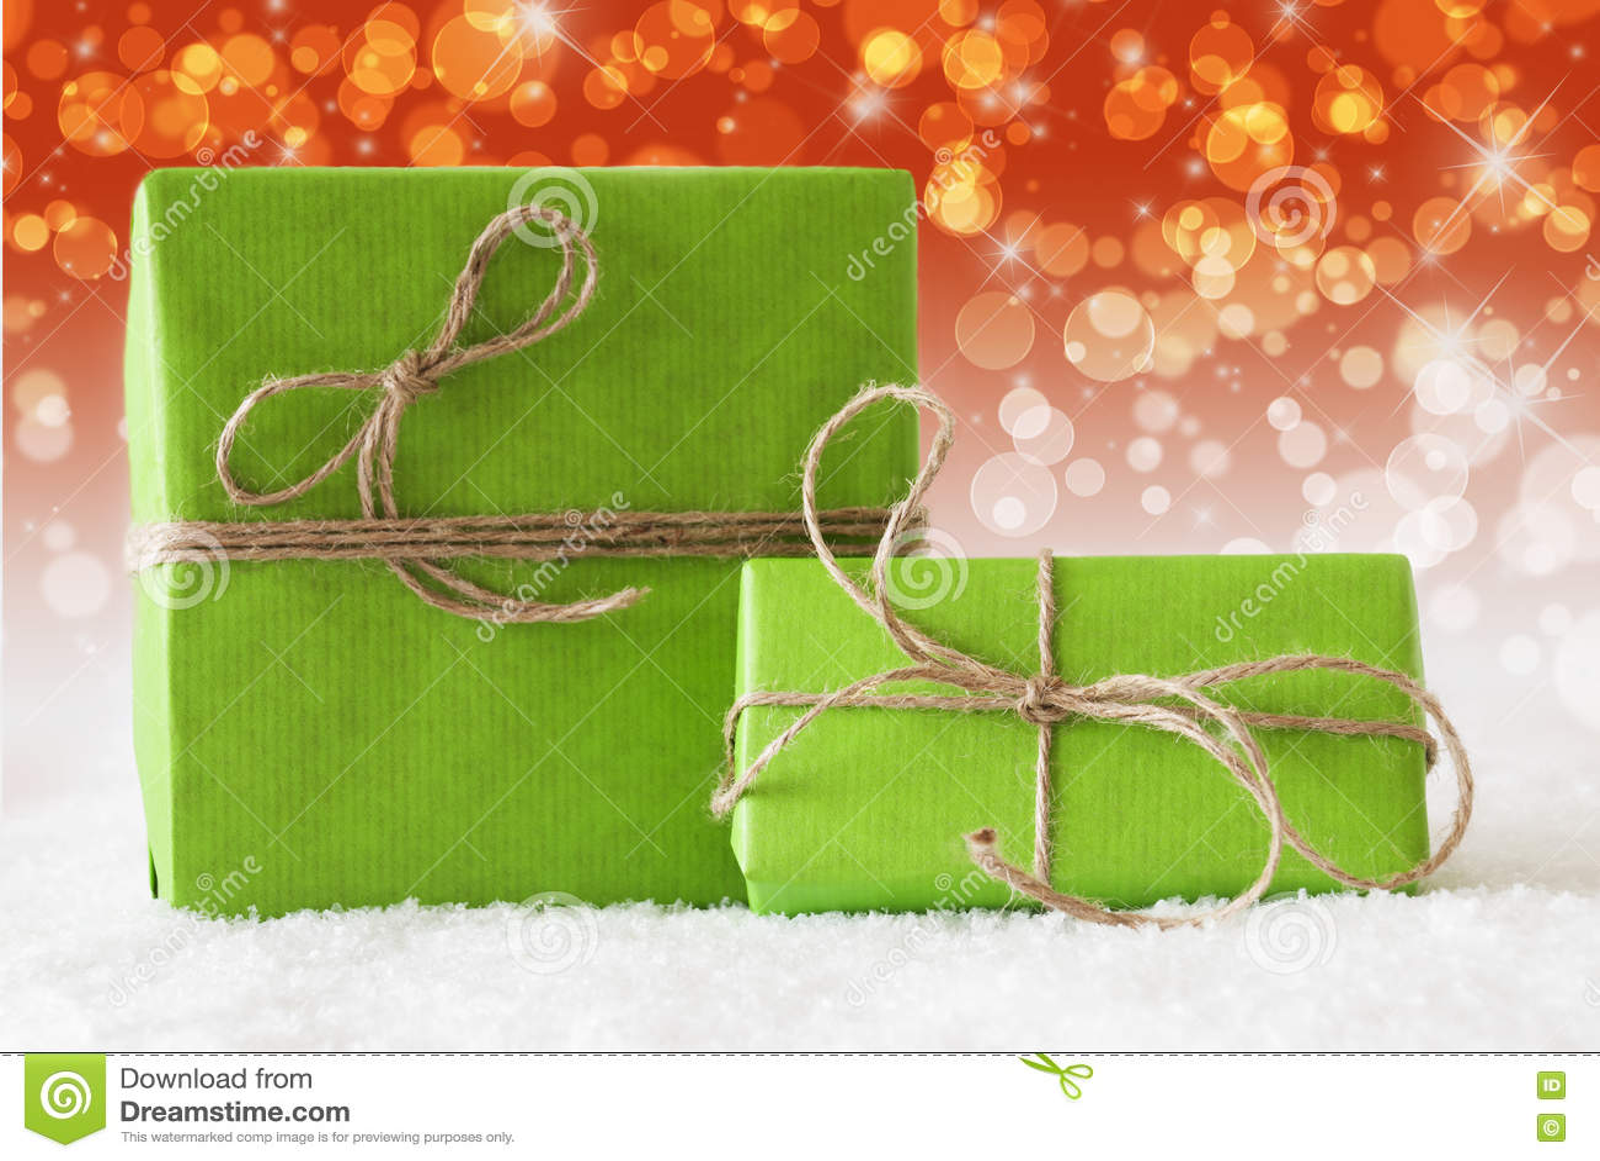 Zwei Grüne Geschenke Auf Schnee, Ergänzender Roter Bokeh Effekt